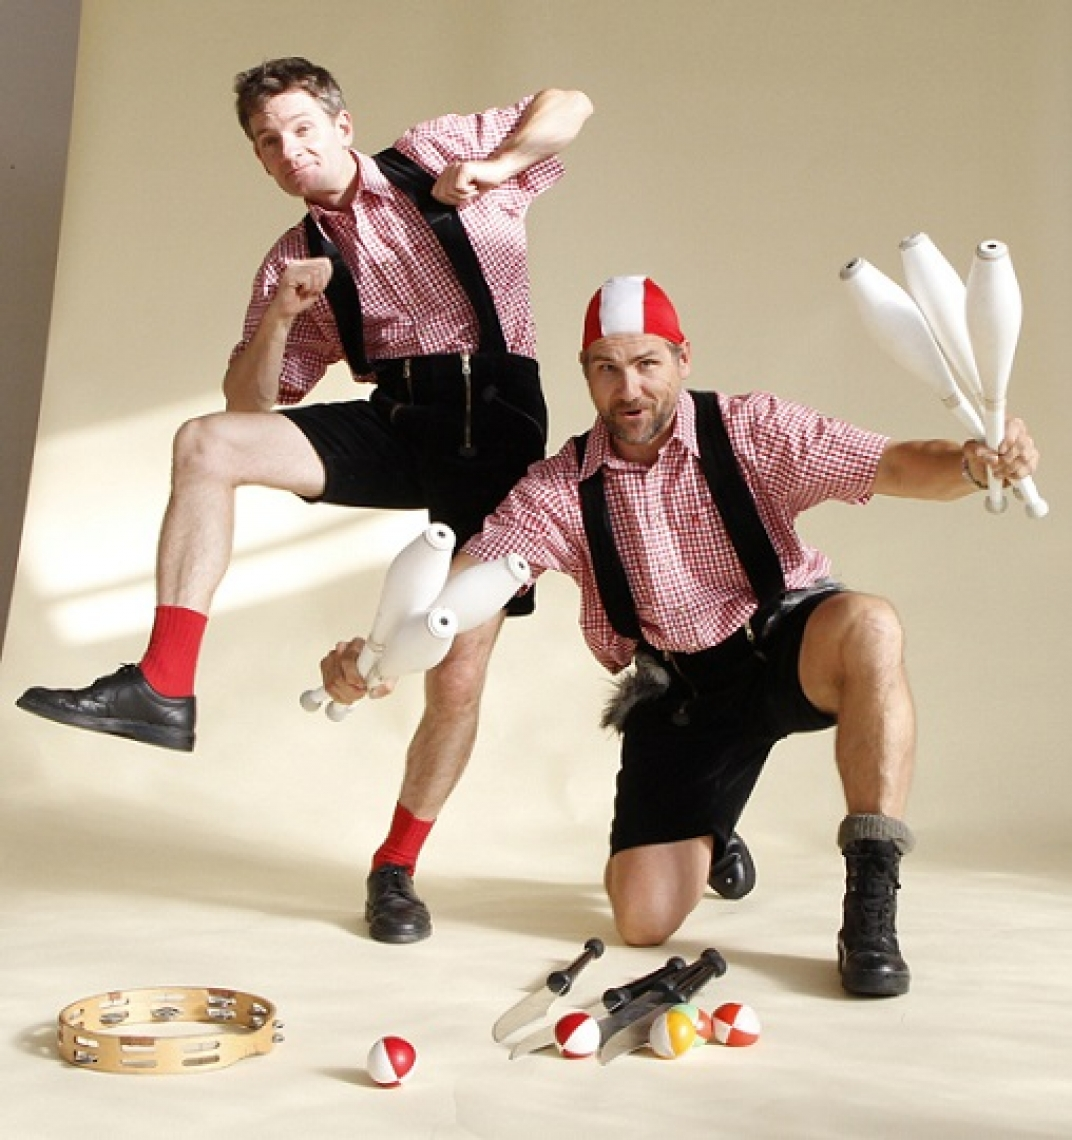 Die Chaos Circus Comedy Show Von fetzigen Jonglagen bis zu halsbrecherischer Artistik, von exzentrischer Comedy bis zu unerwarteten Improvisationen, vom Freiwilligen aus dem Publikum bis zur heißen Feuernummer.